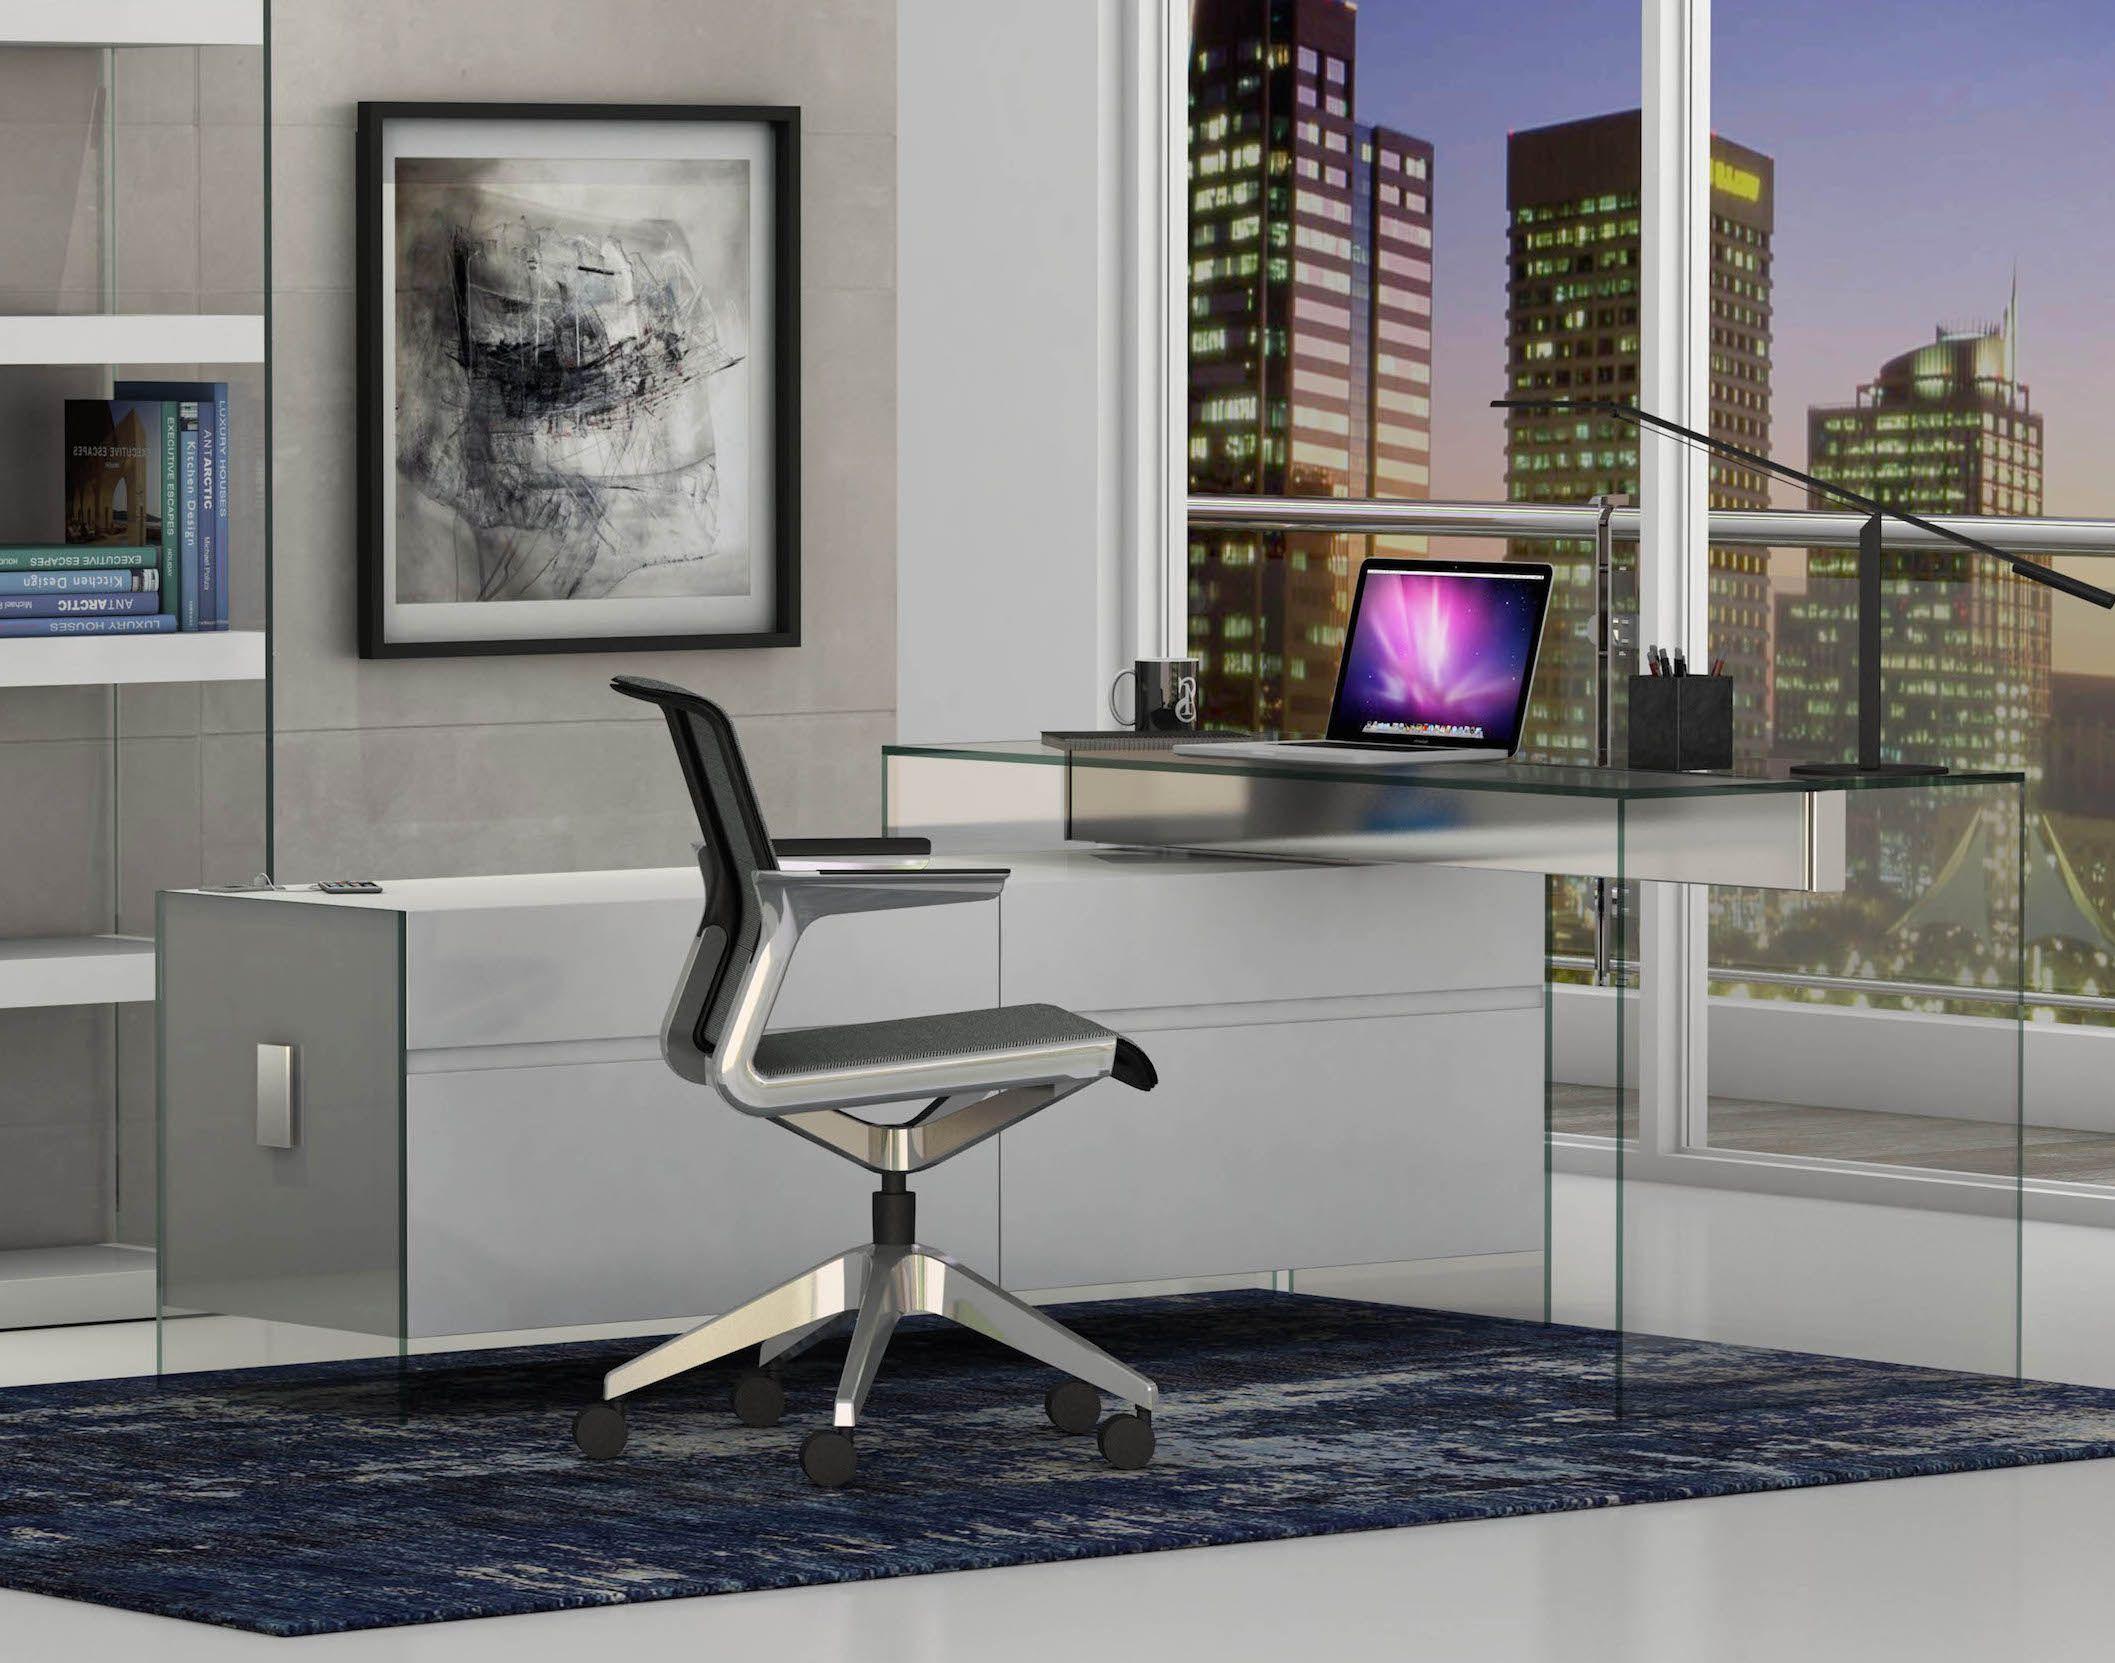 Utopia desk and credenza office furniture desk sit stand desk